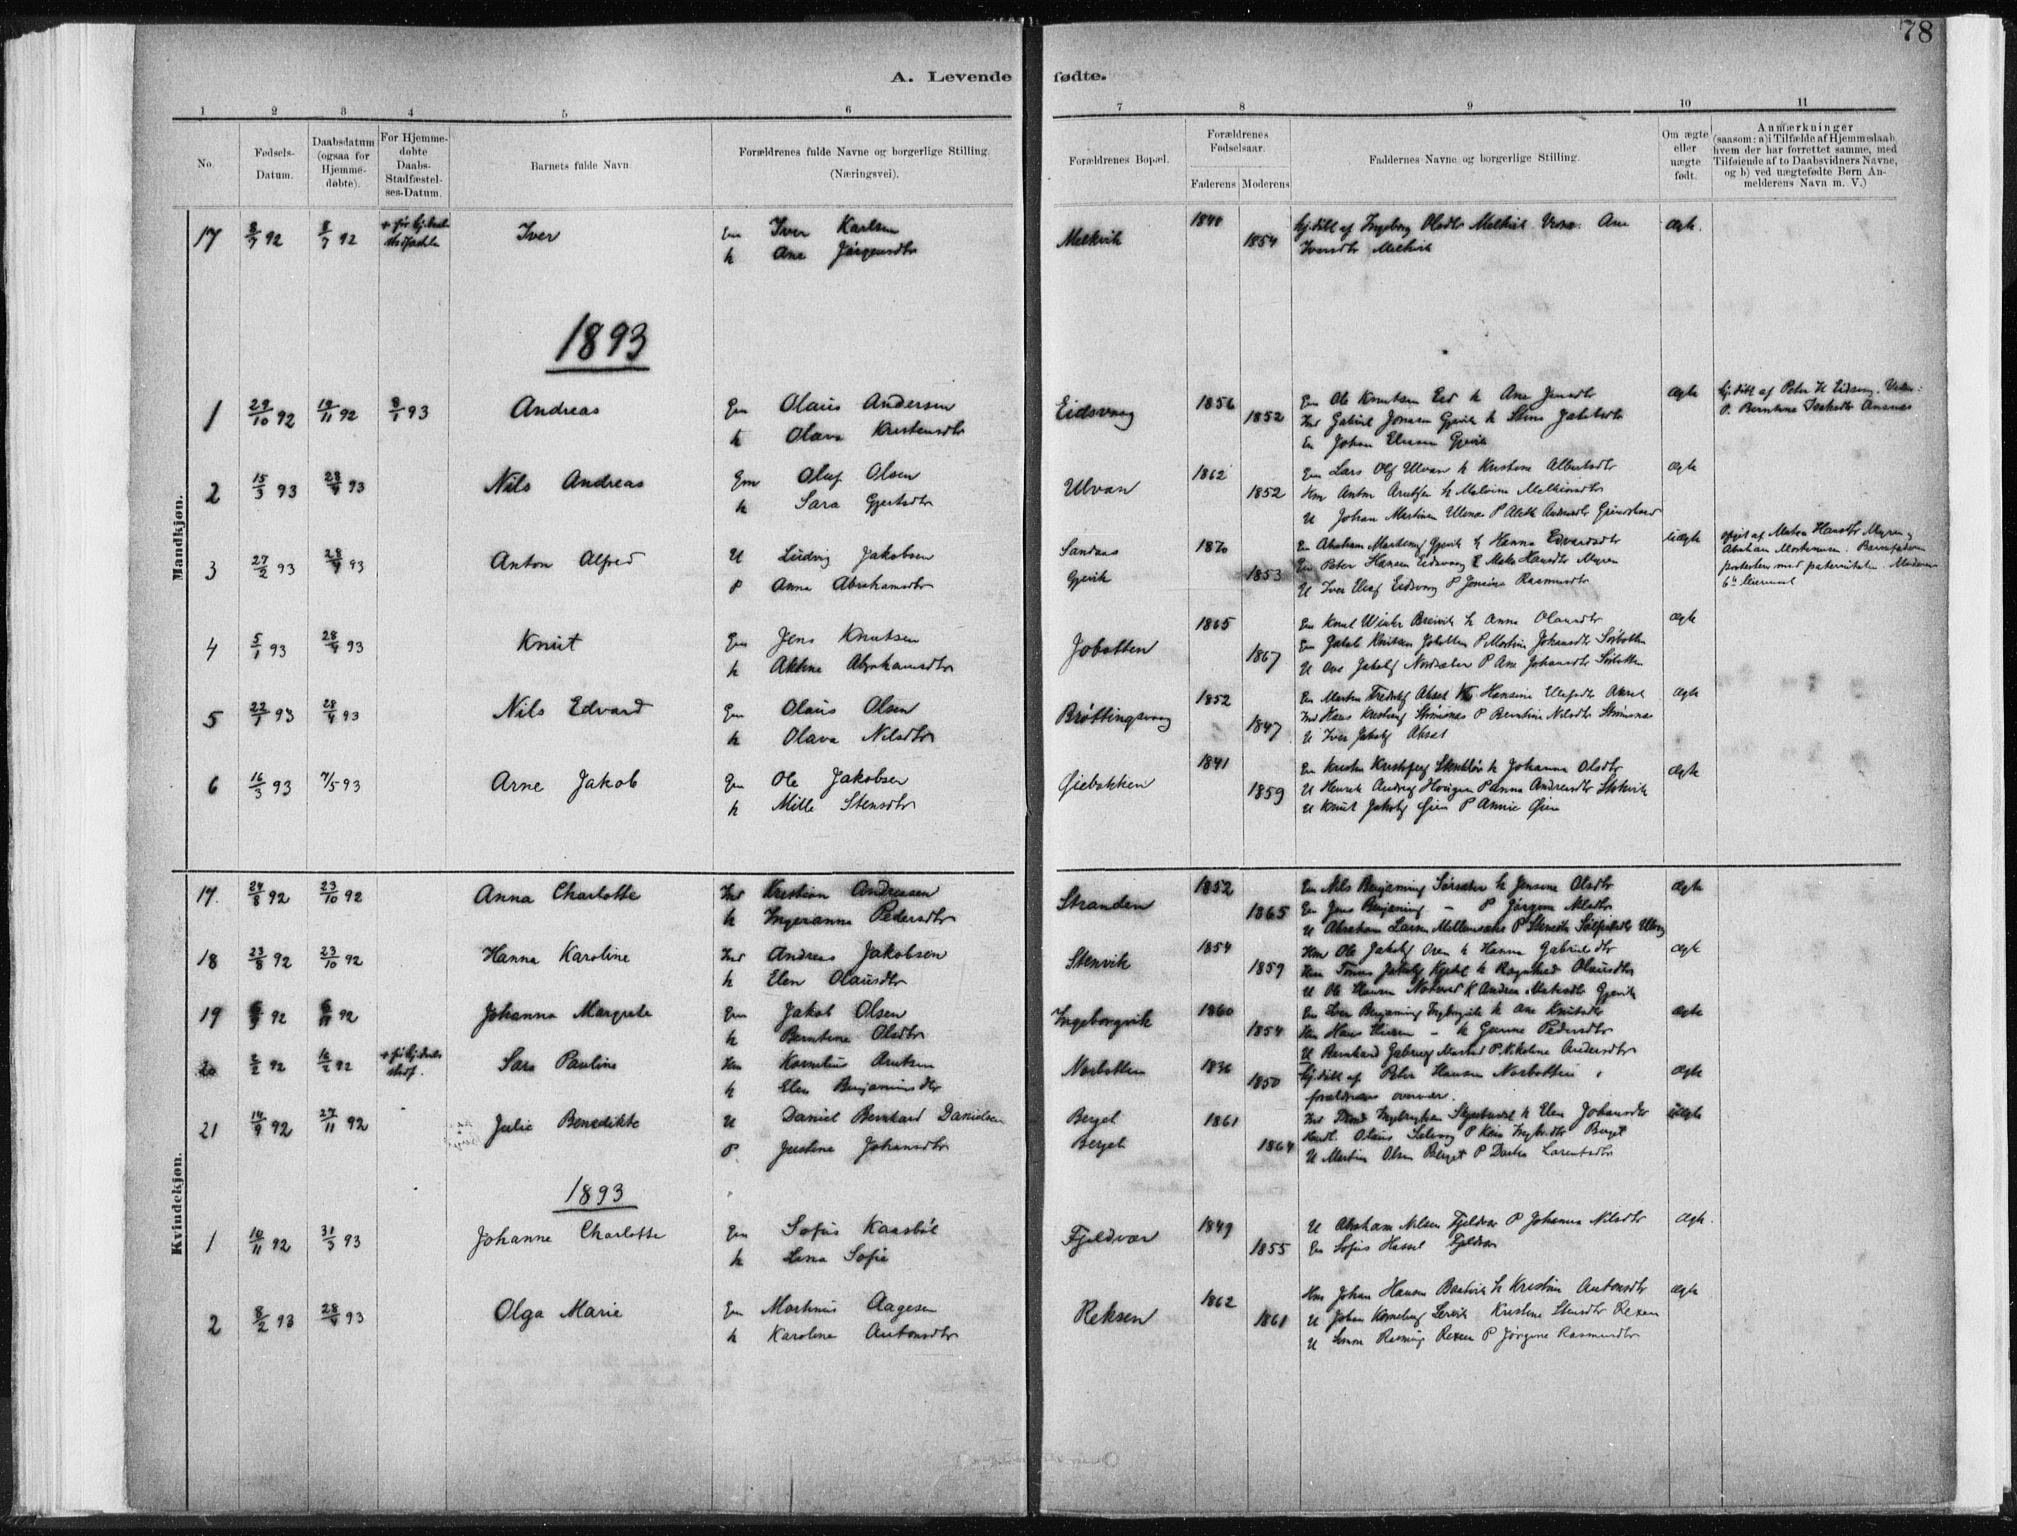 SAT, Ministerialprotokoller, klokkerbøker og fødselsregistre - Sør-Trøndelag, 637/L0558: Ministerialbok nr. 637A01, 1882-1899, s. 78